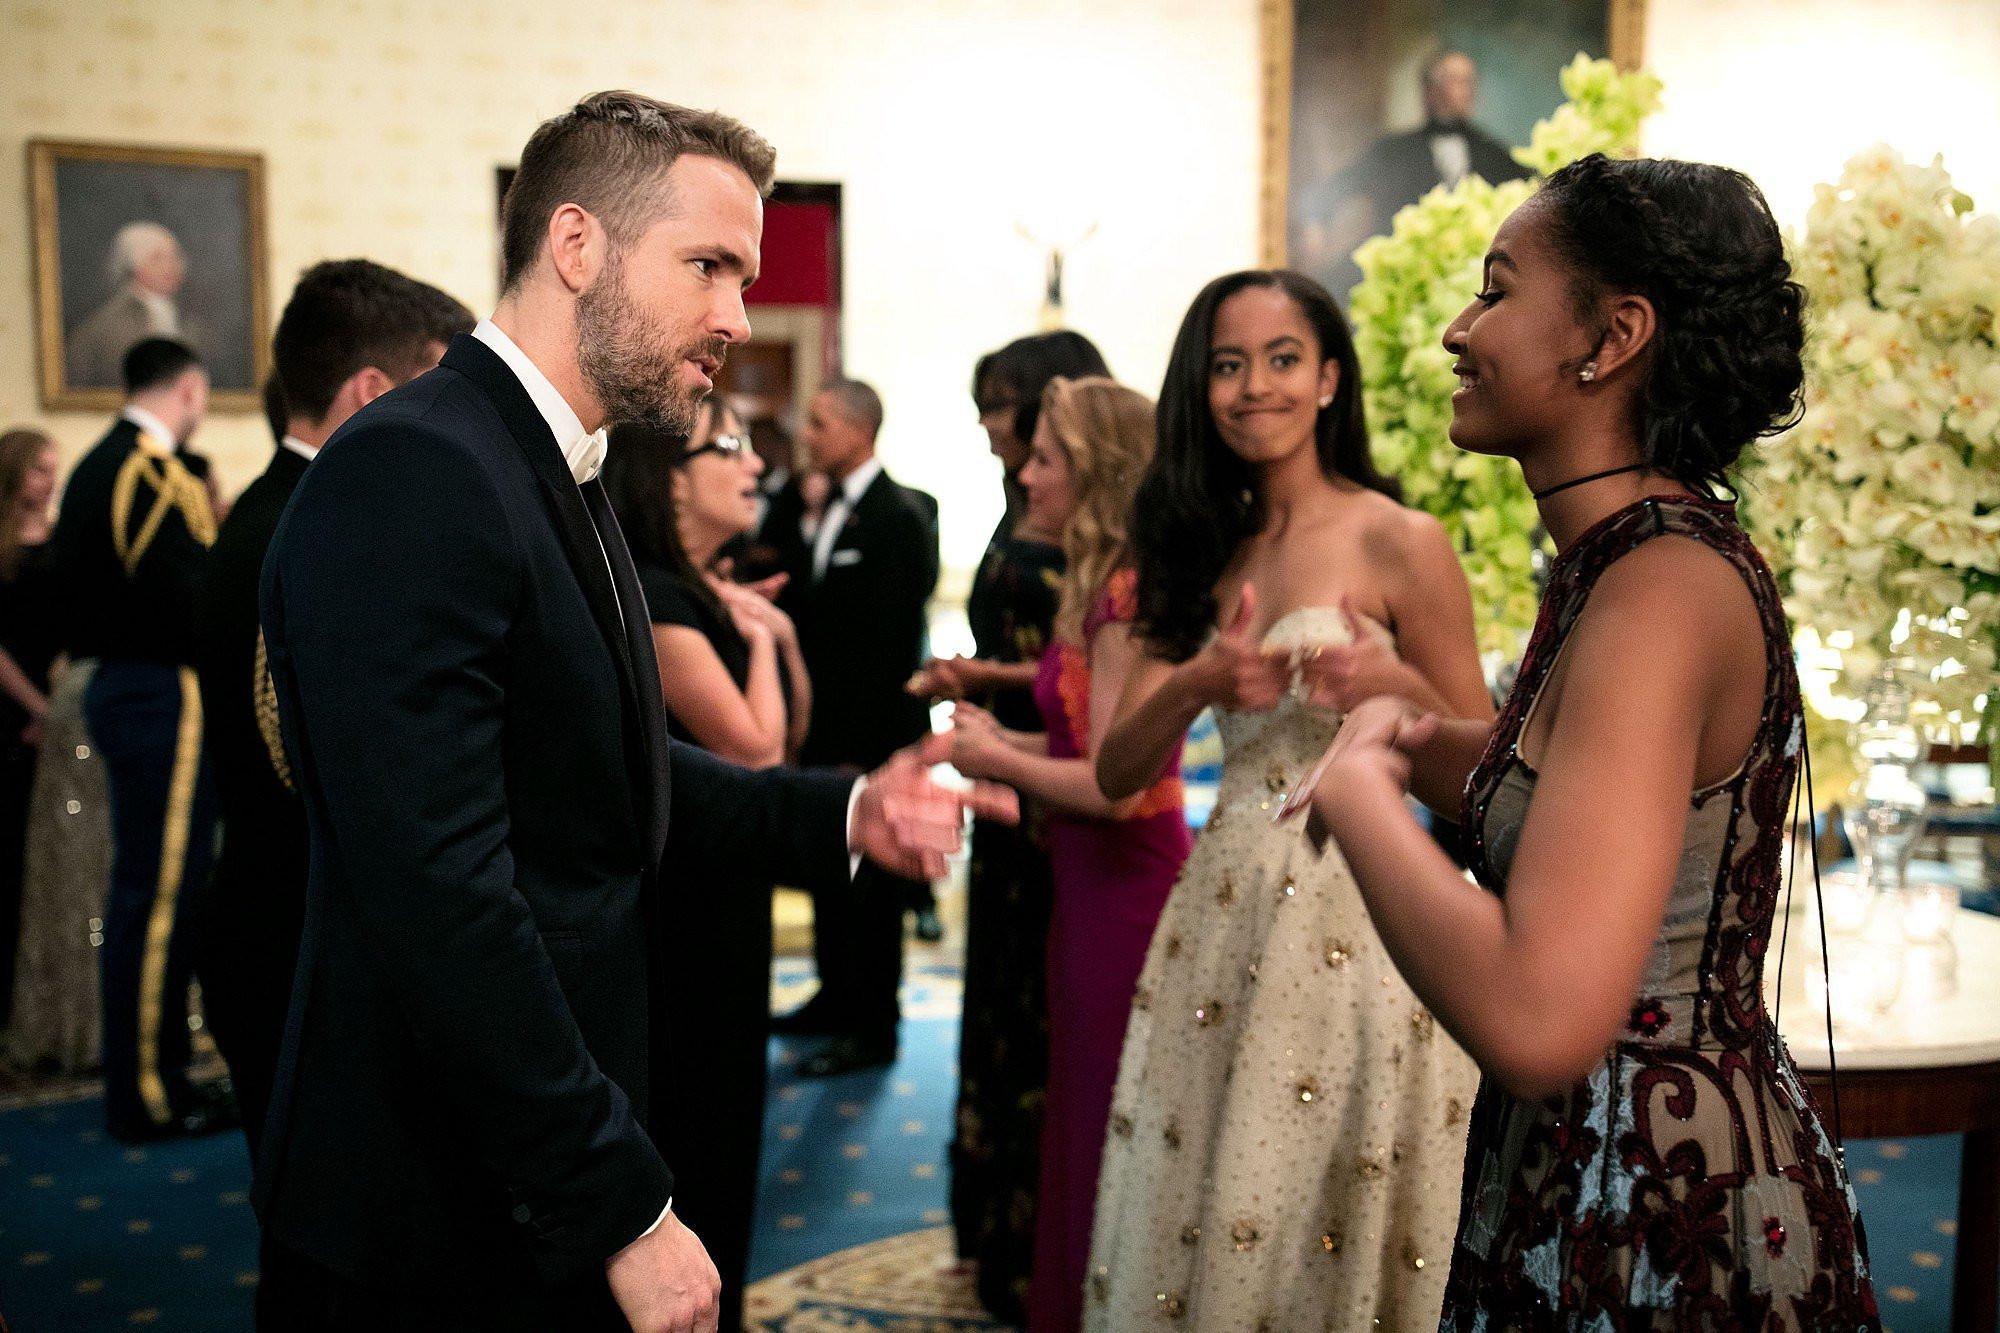 State Dinner 2016  Sasha Obama Talking to Ryan Reynolds at State Dinner 2016